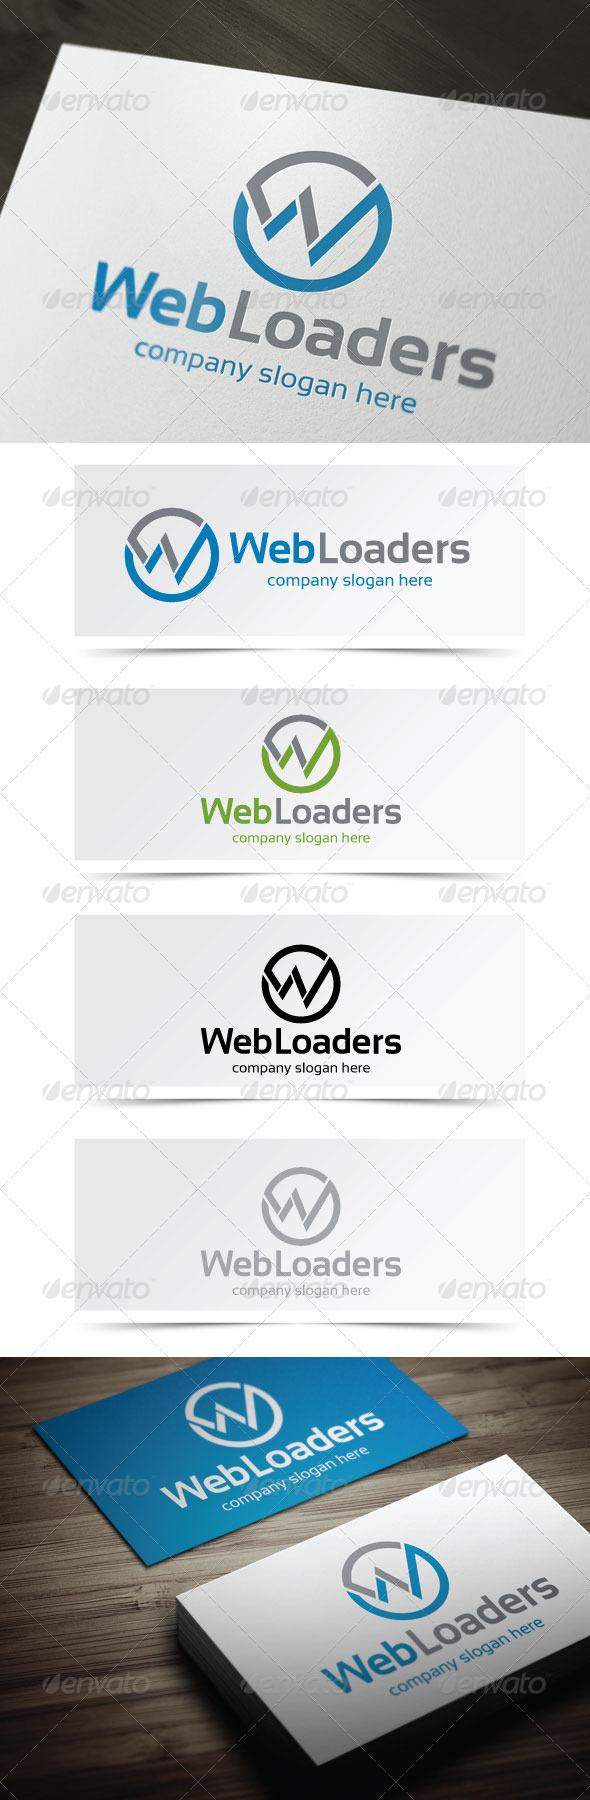 GraphicRiver Web Loaders 5302965